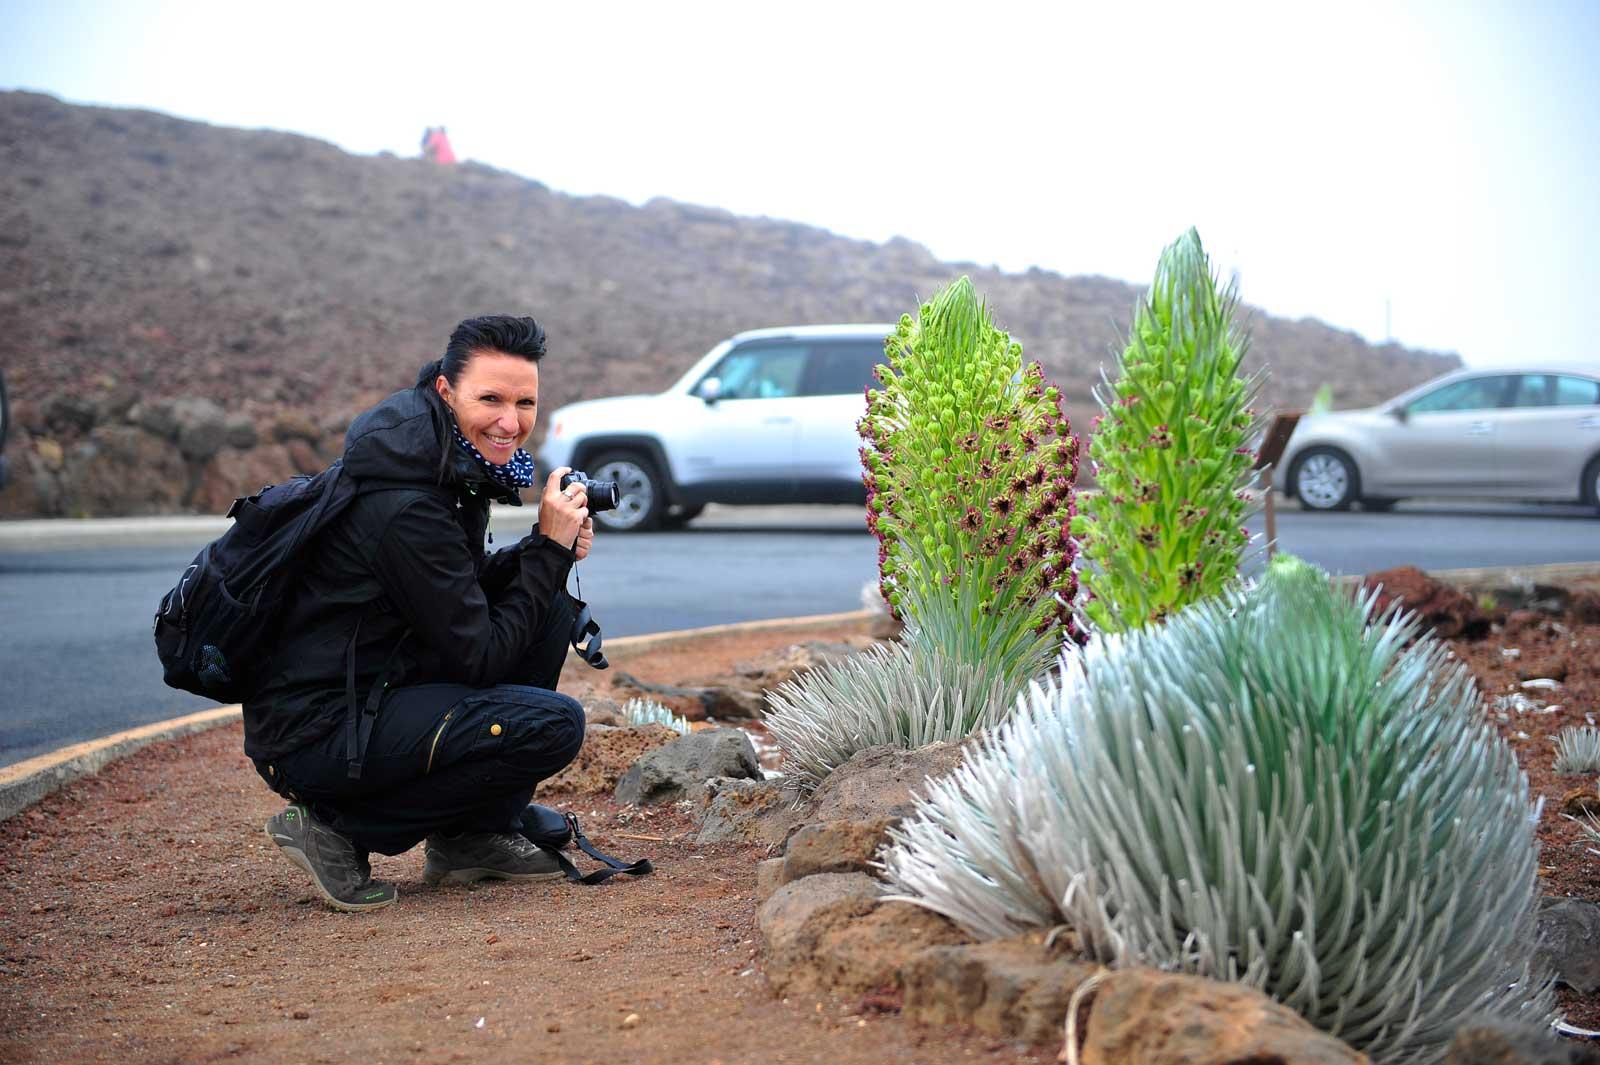 Das Silberschwert auf dem Haleakala (Vulkan) blüht aller 50 Jahre ein einziges Mal - was für ein Glück!